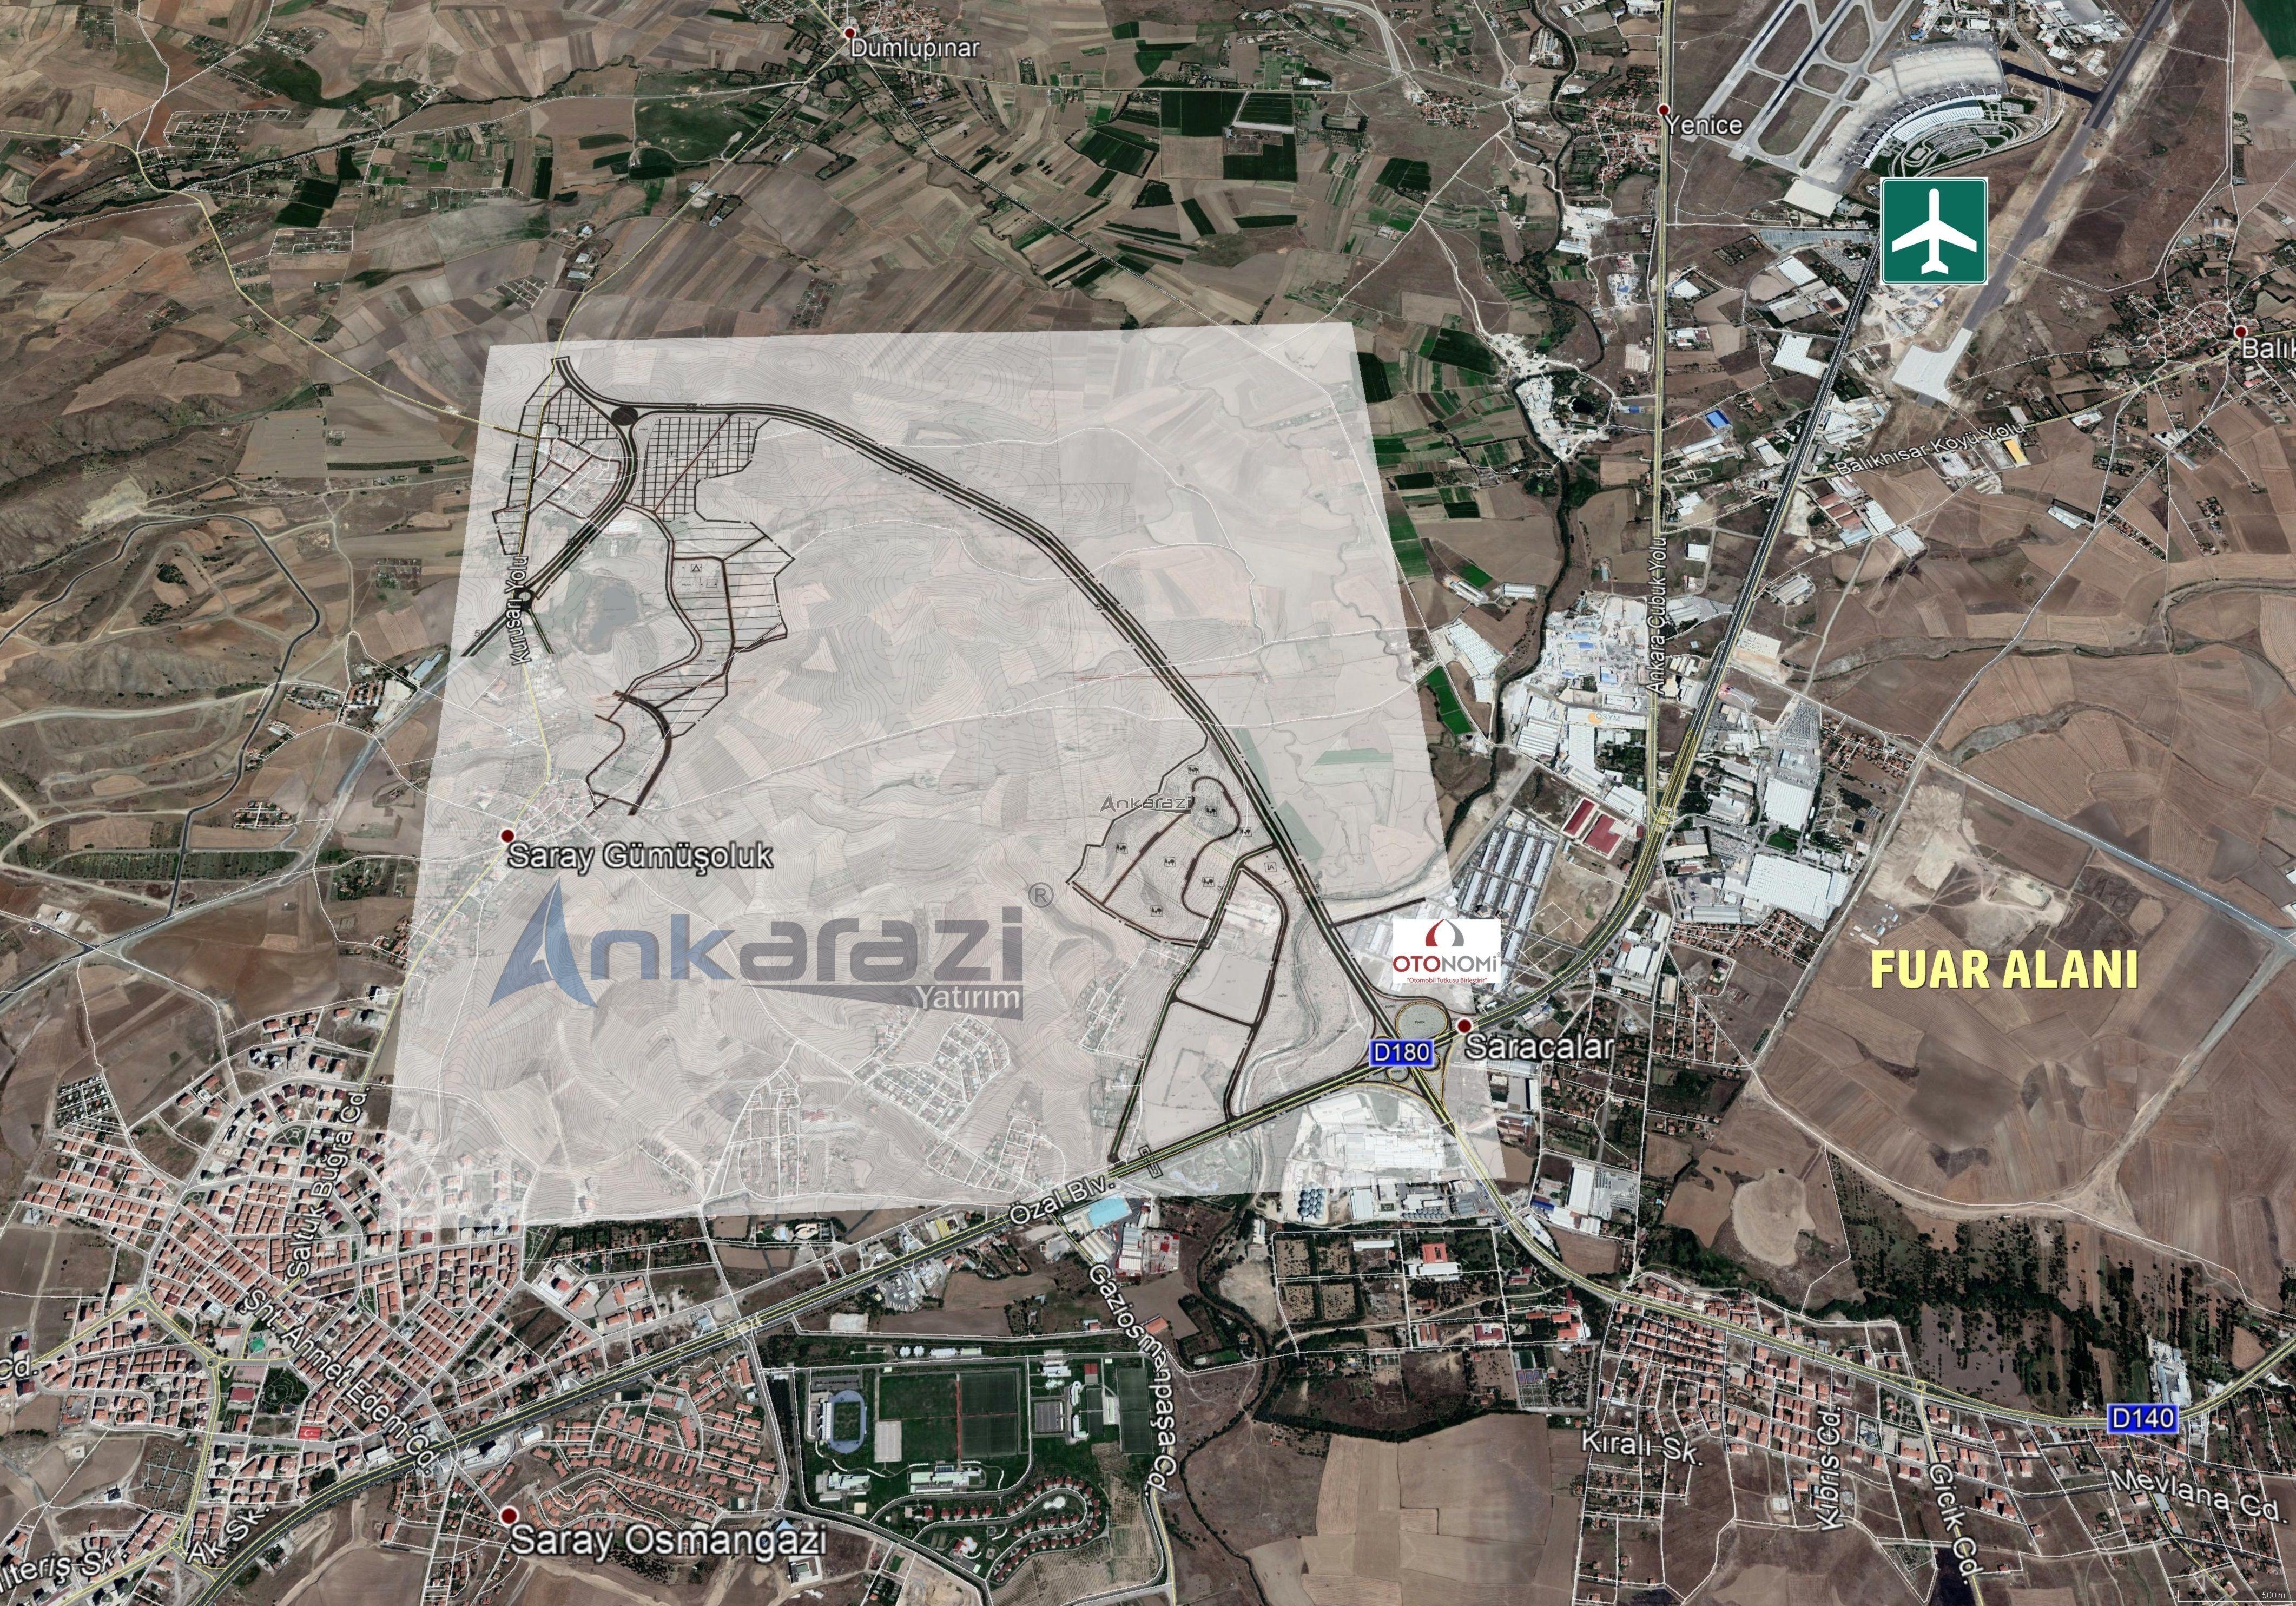 Pursaklar/Saray - Otonomi Kavşağı Bağlantı Yolu Planı Askıda... 3487